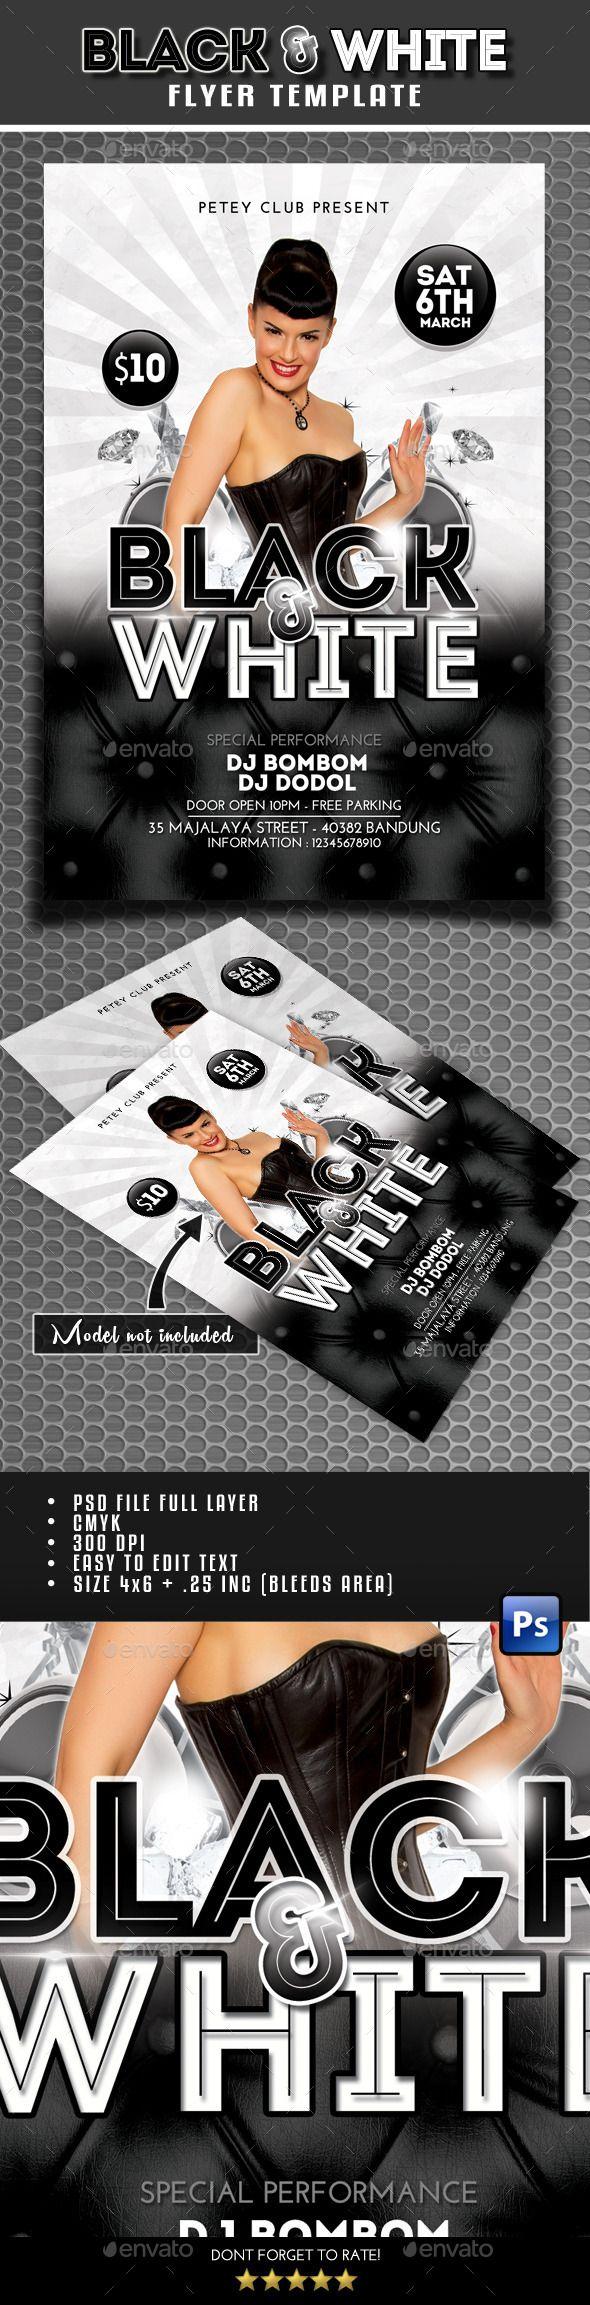 black and white flyer pinterest